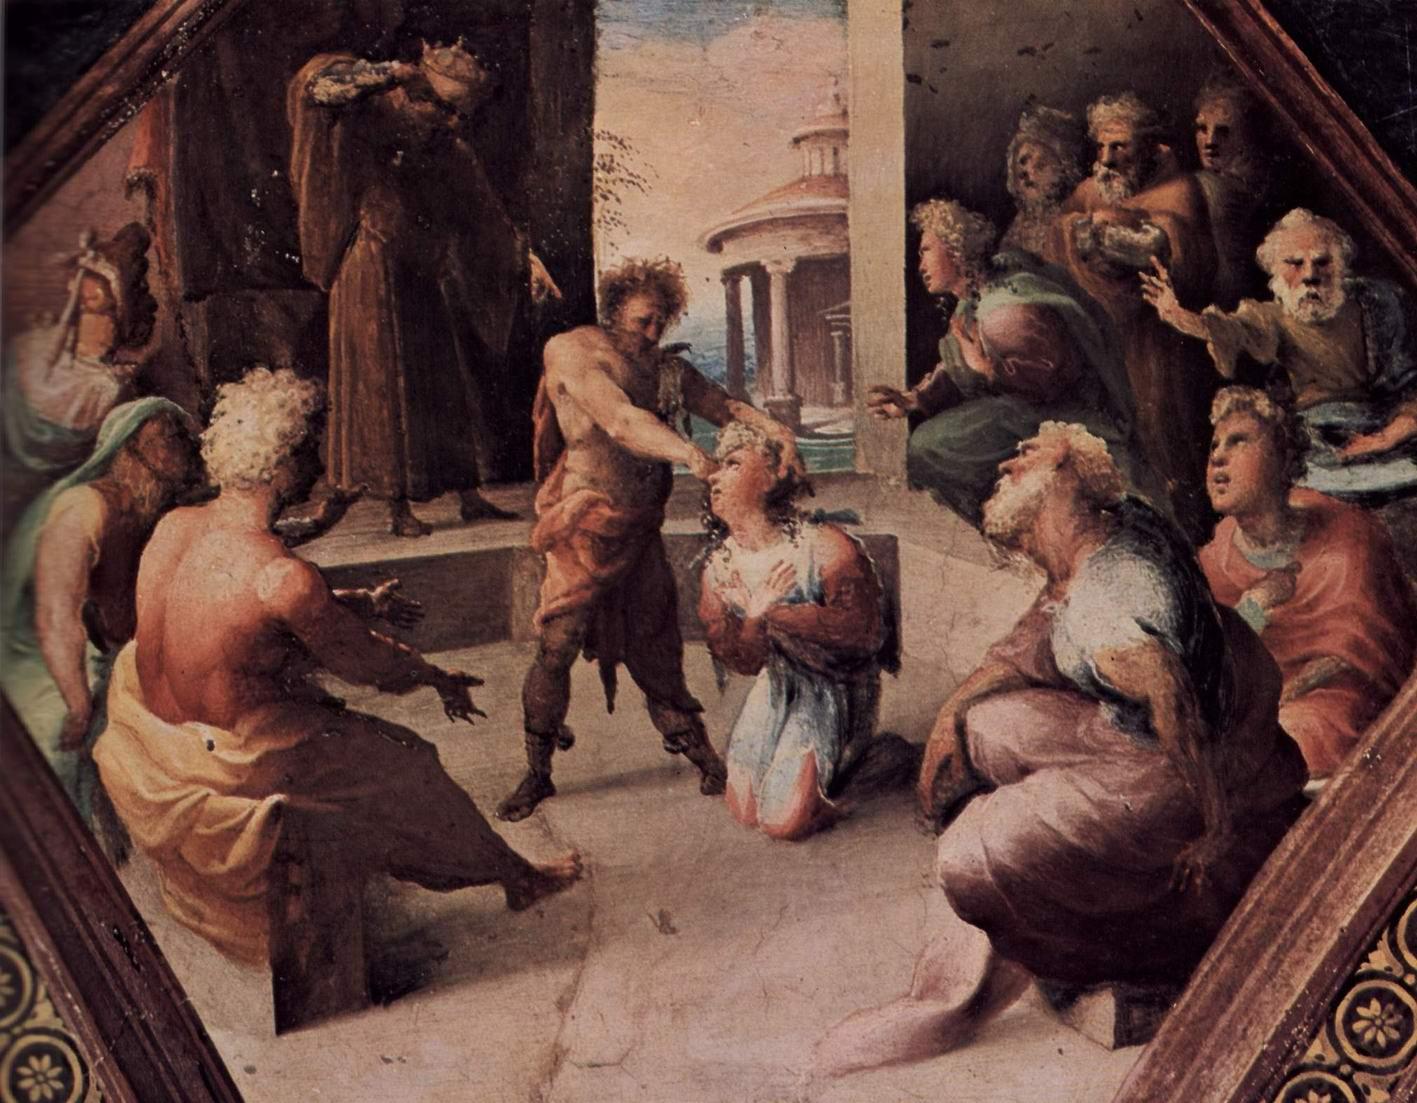 Фрески палаццо Бинди Сегарди, Жертва Селевкия из Локриды, Беккафуми Доменико